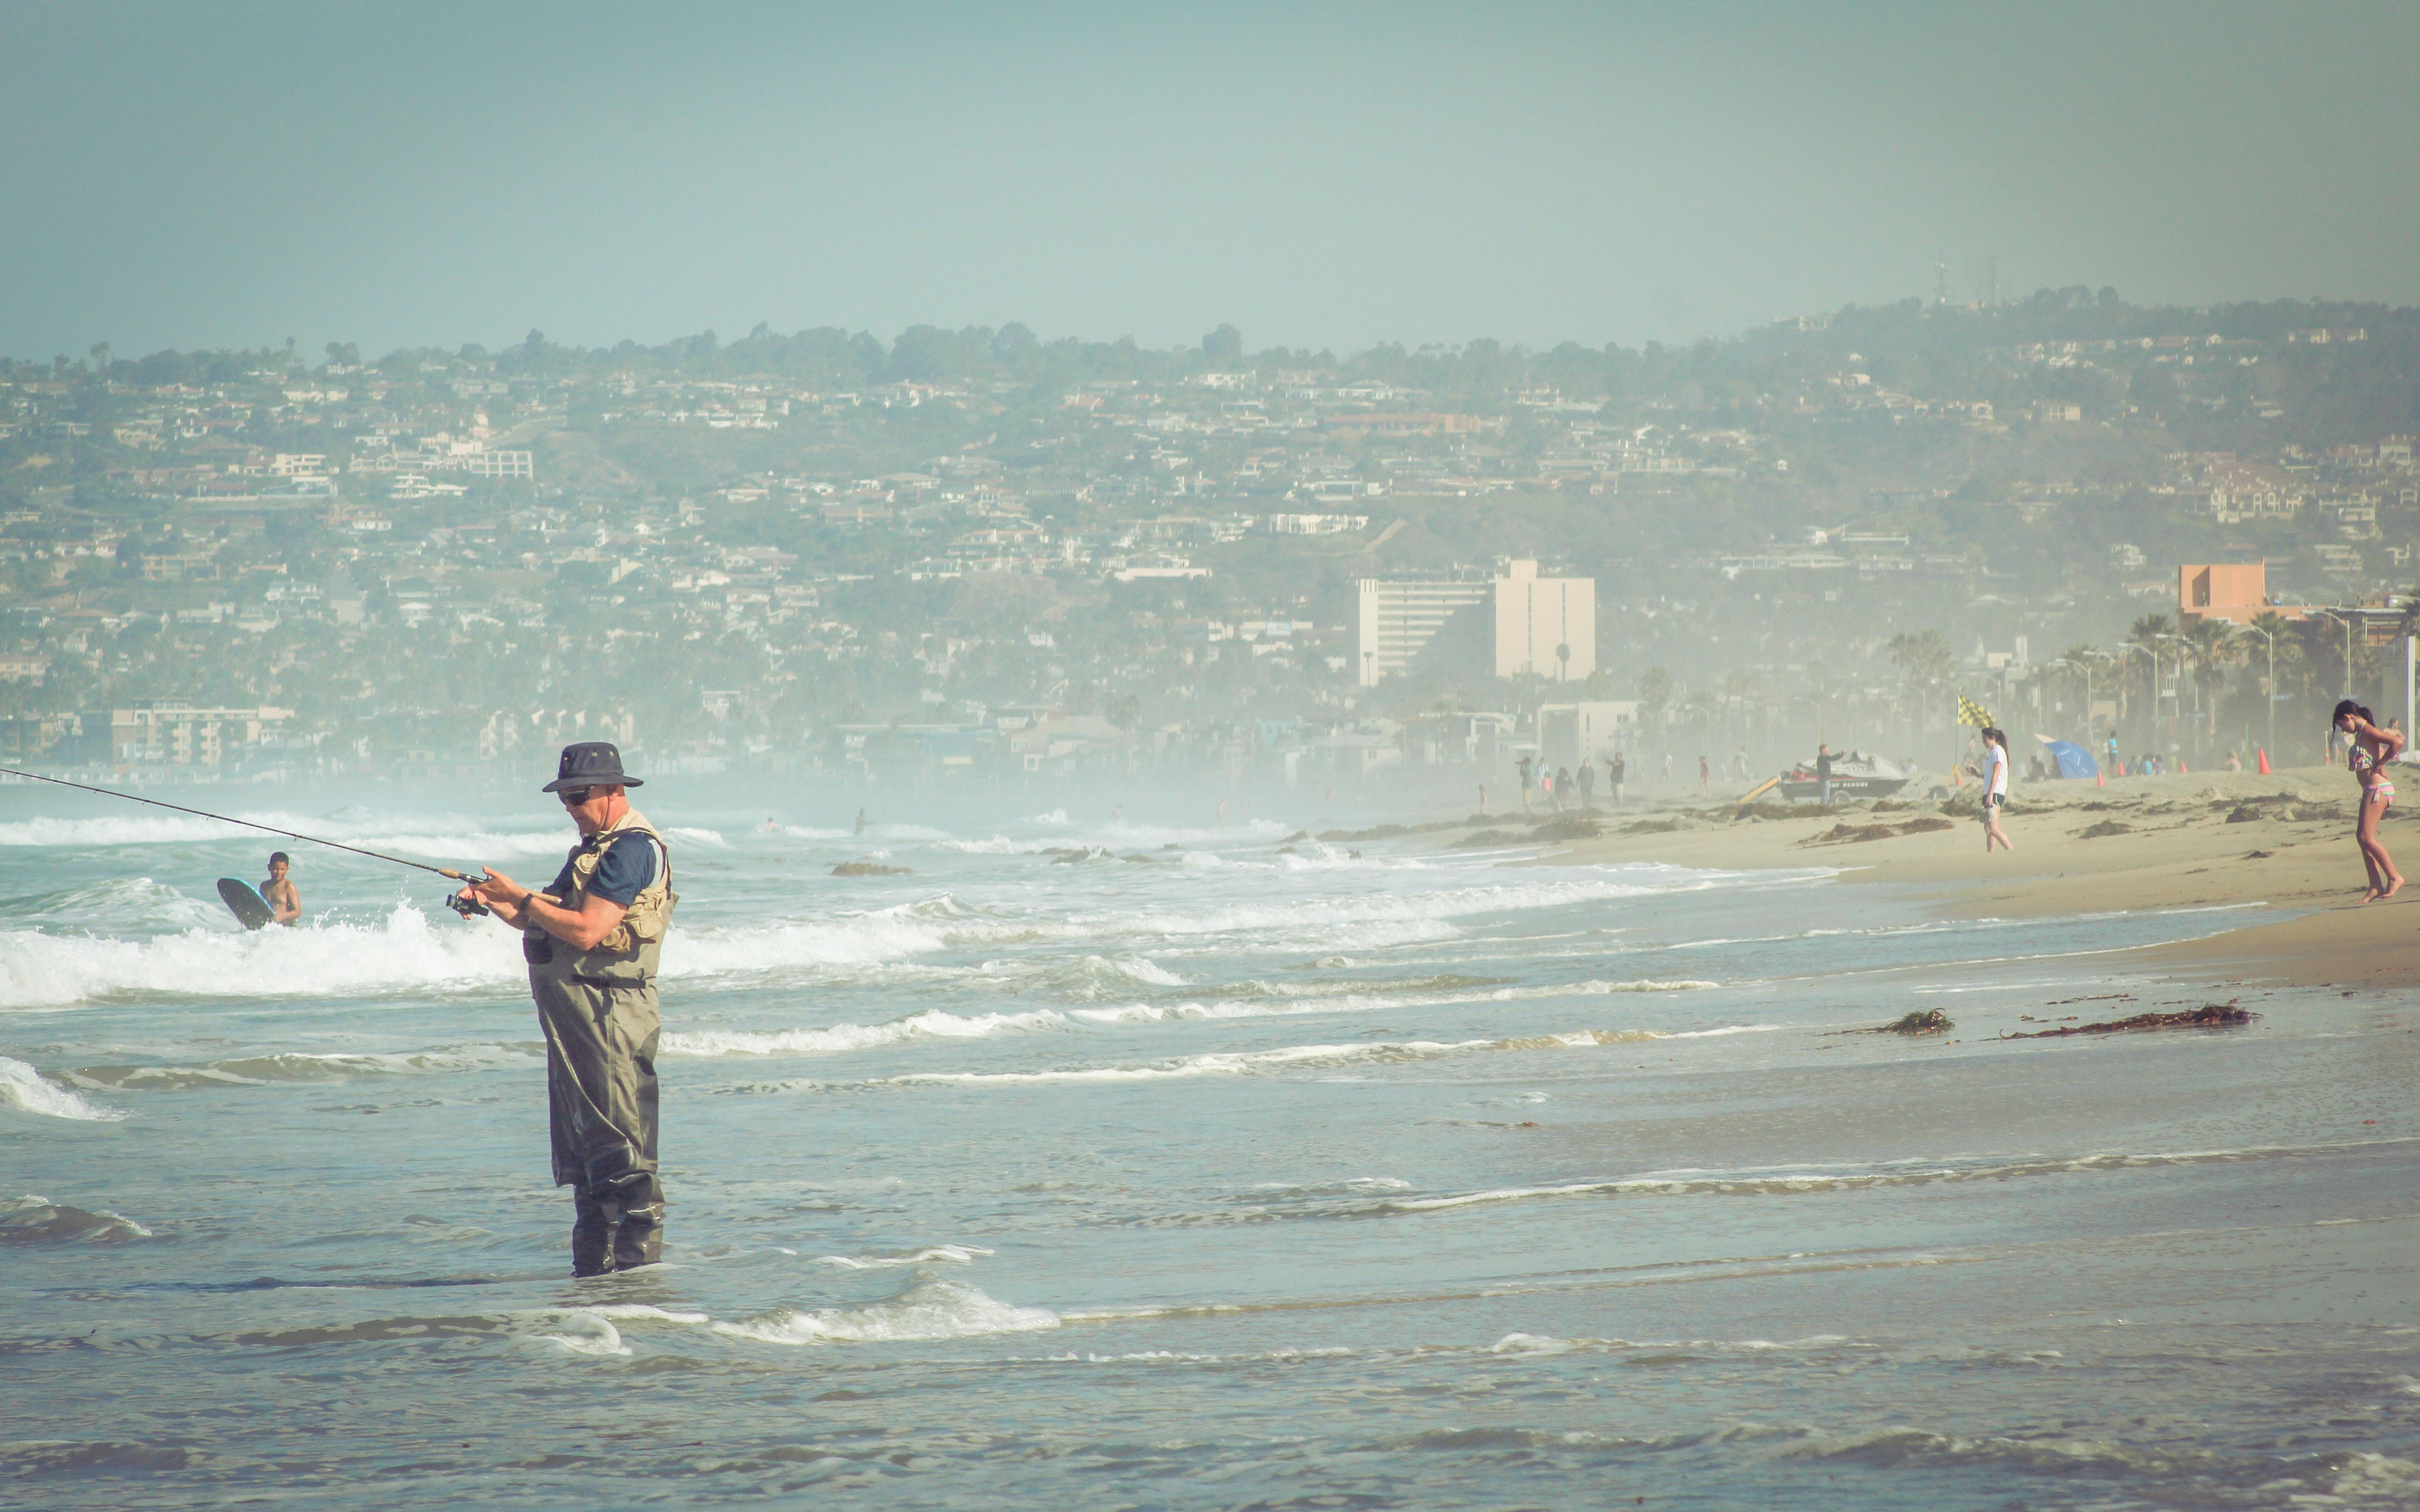 Near shore view of fisherman fishing in a beach